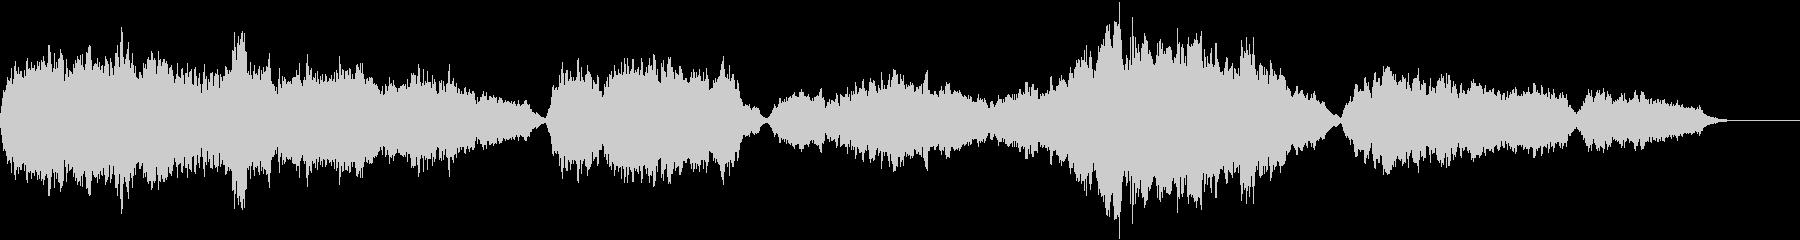 弦楽器の暗く重たい曲・ゲームオーバーの未再生の波形